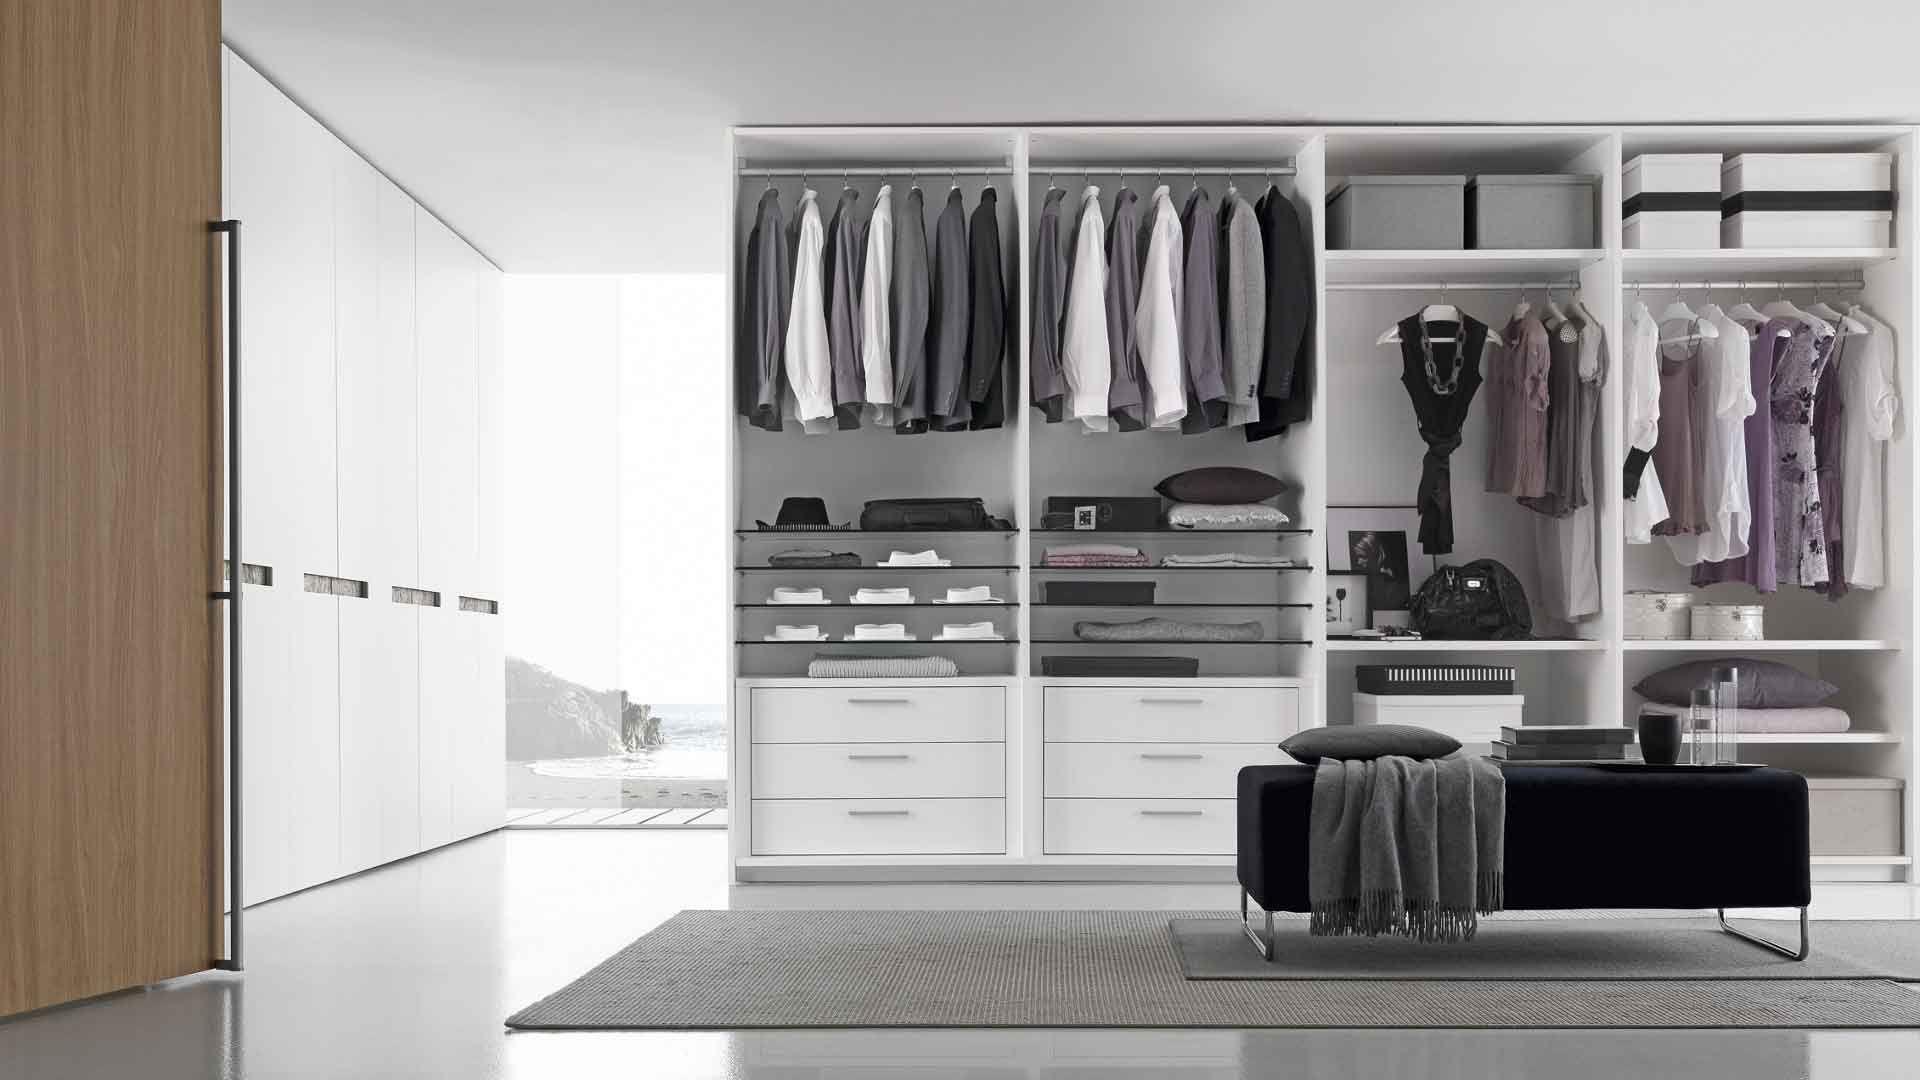 Acquistare un armadio come scegliere gli spazi interni - Interni per cabine armadio ...